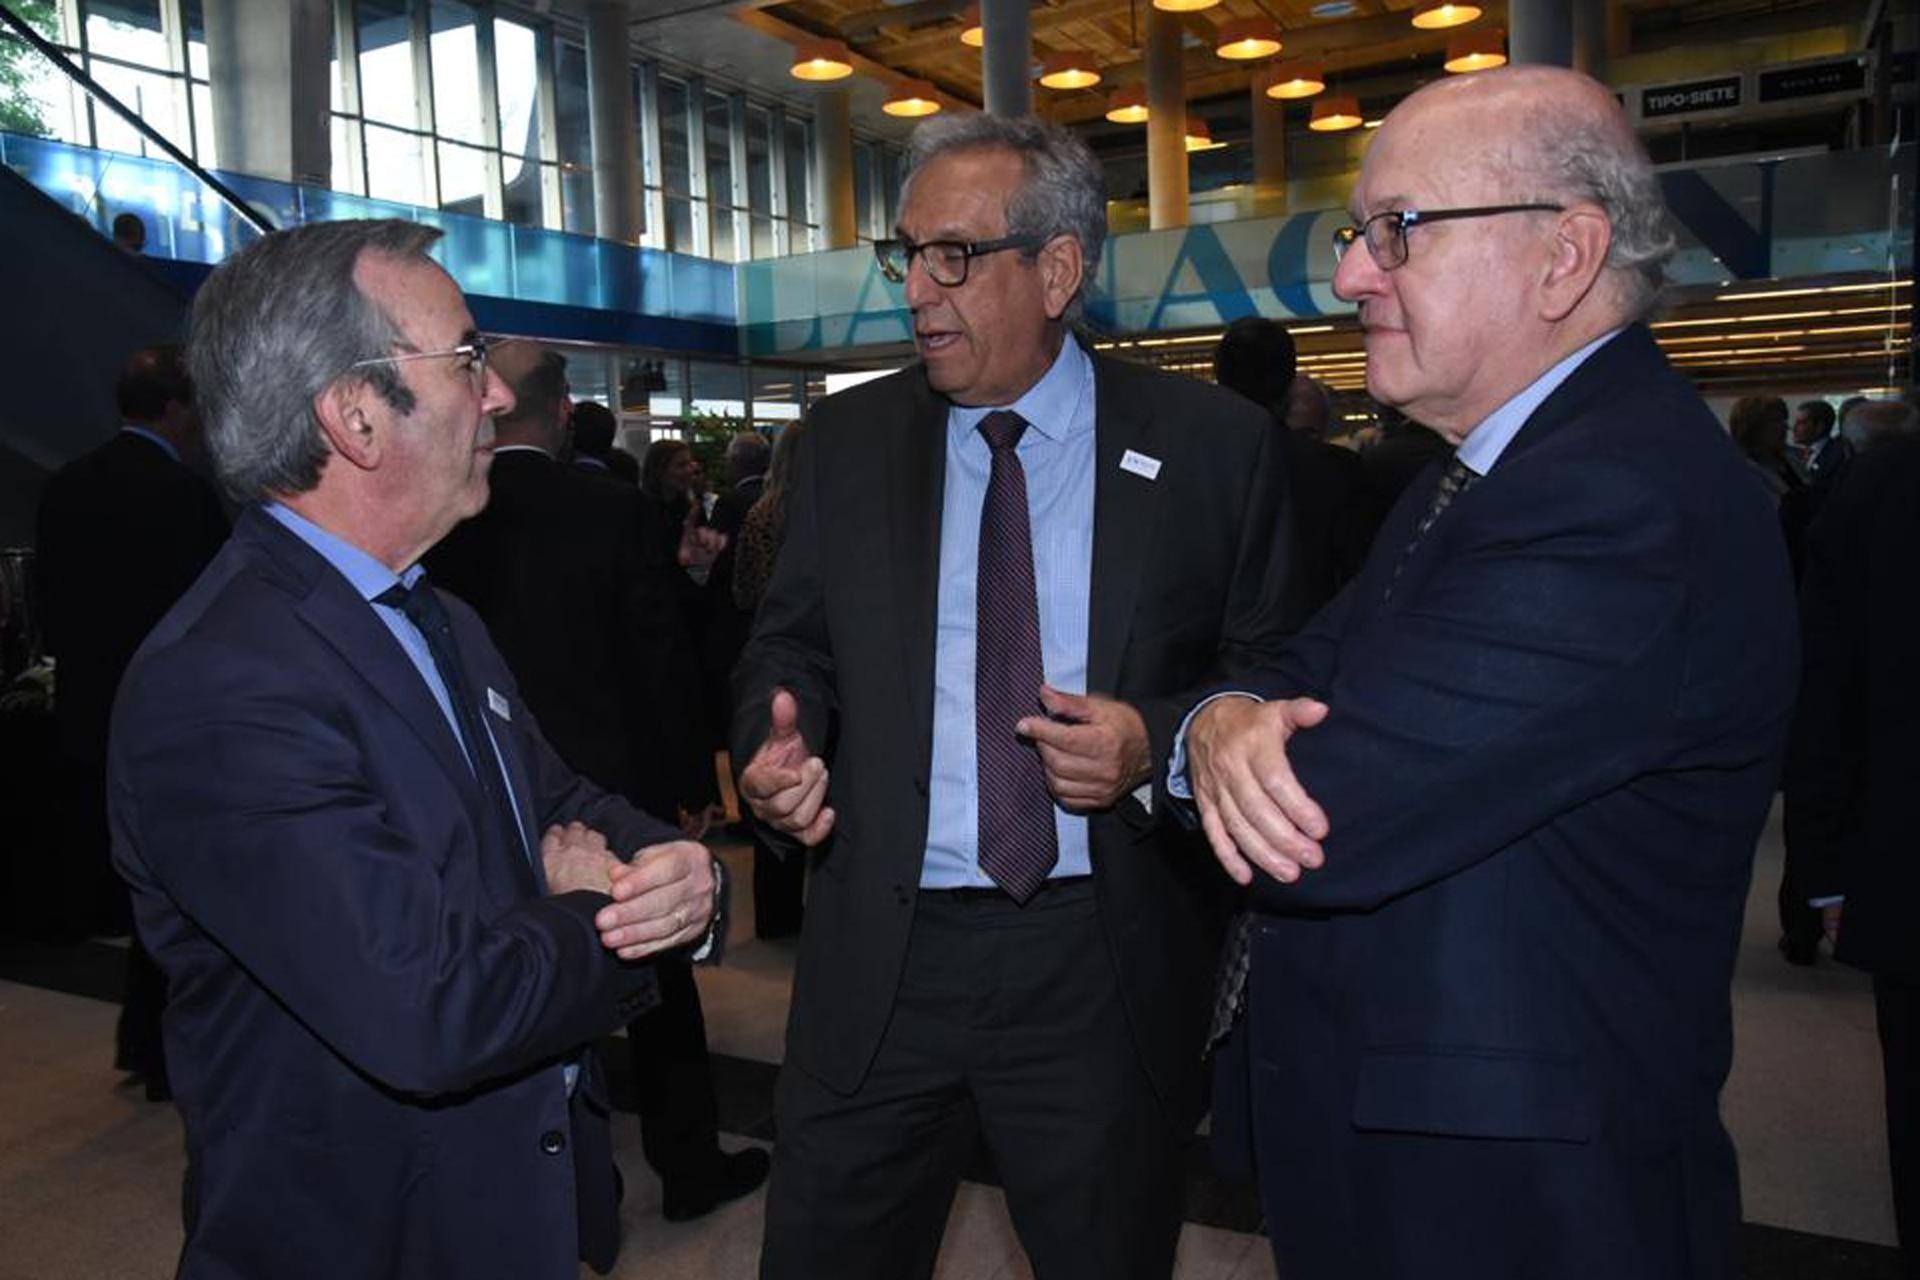 El periodista de LA NACION, Pablo Sirvén (derecha) charla con su colega, Jorge Sigal, y Facundo Suárez Lastra